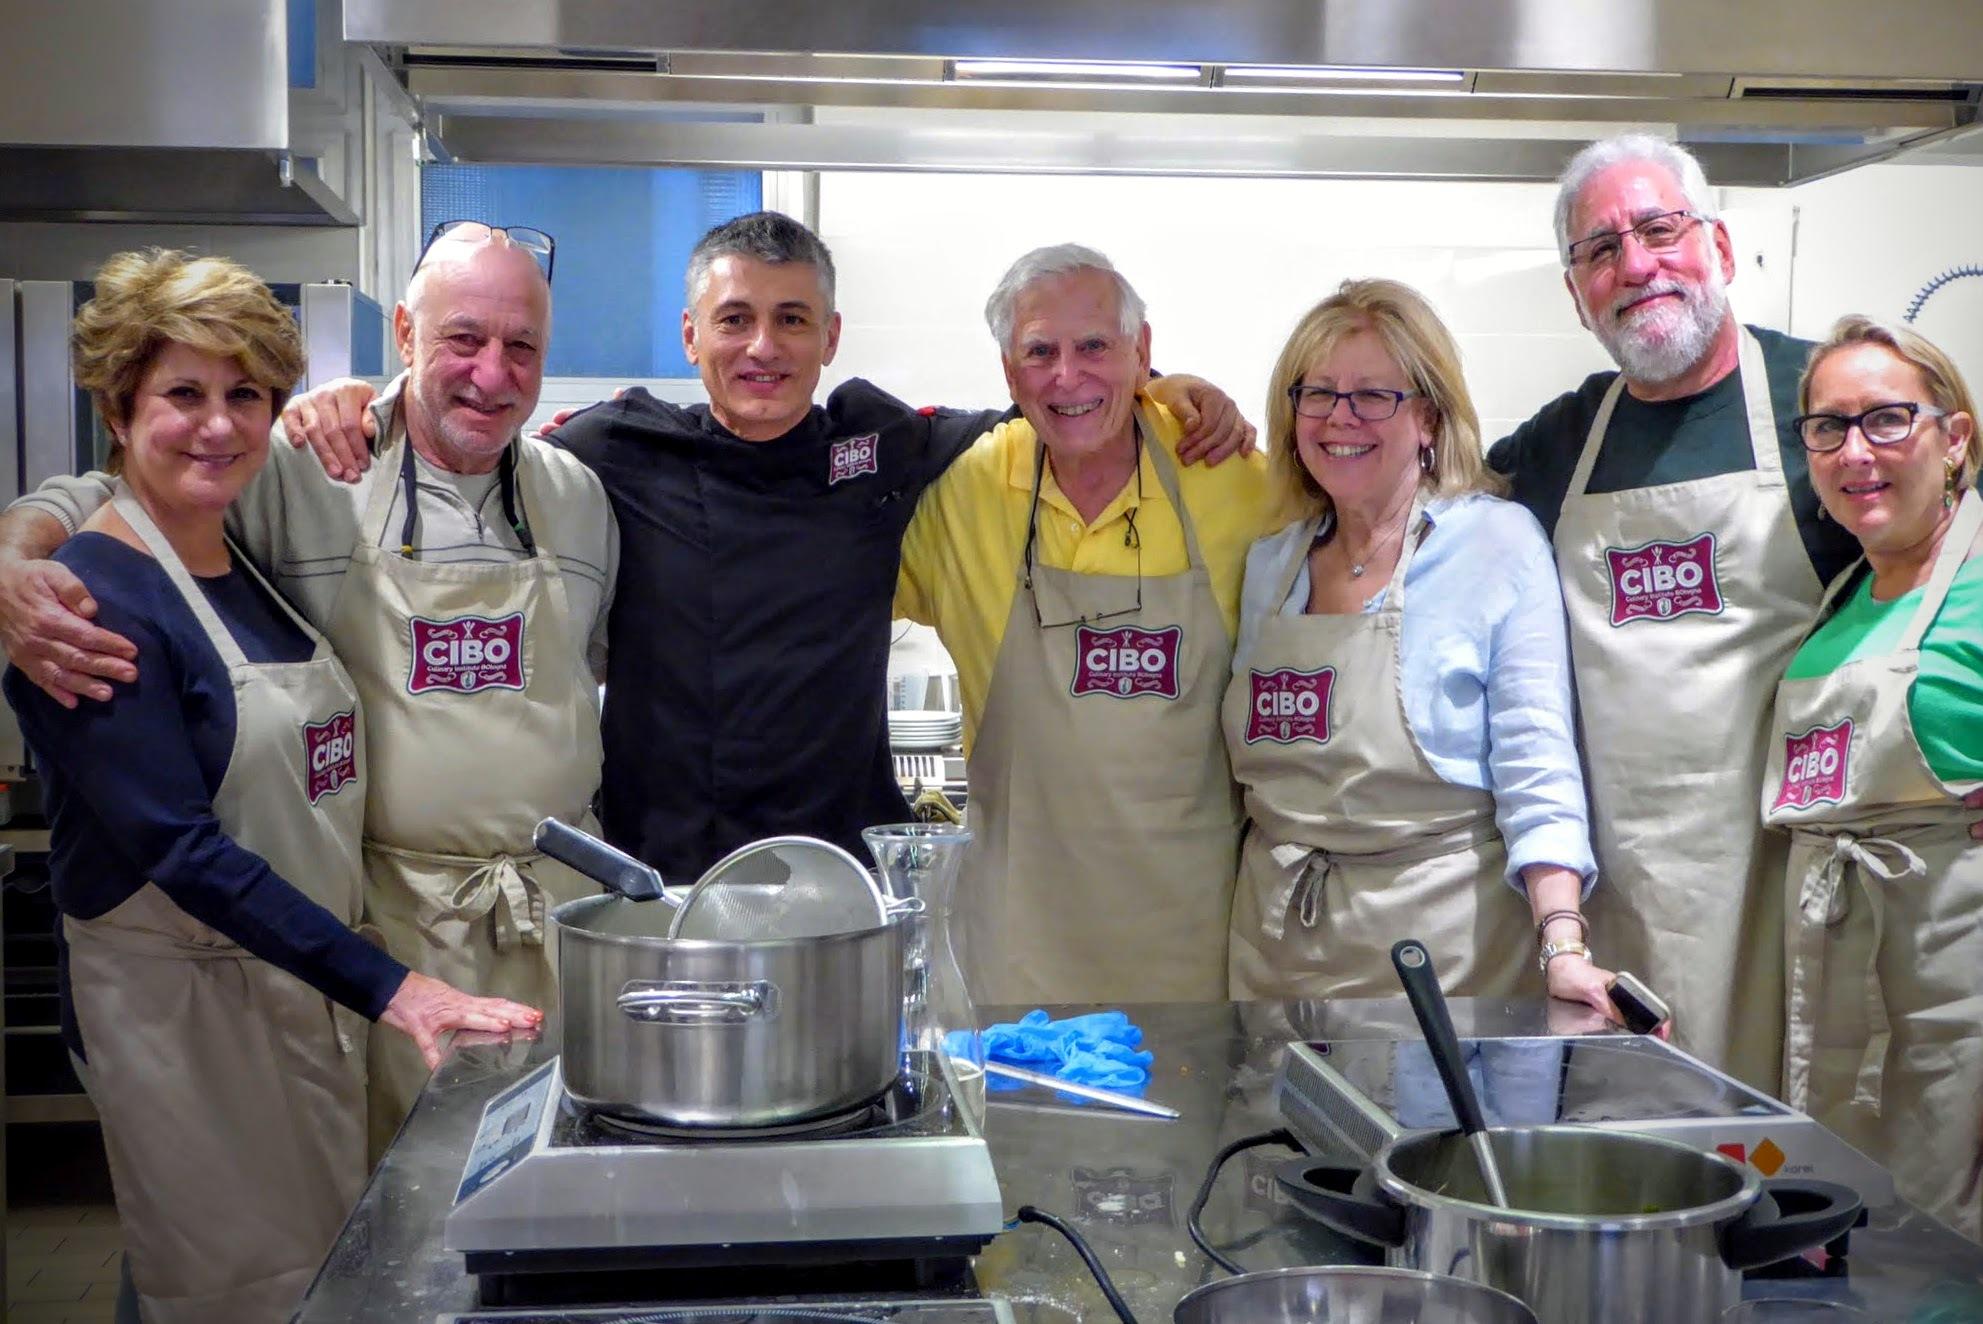 Proud CIBO students with Chef Stefano Corvucci